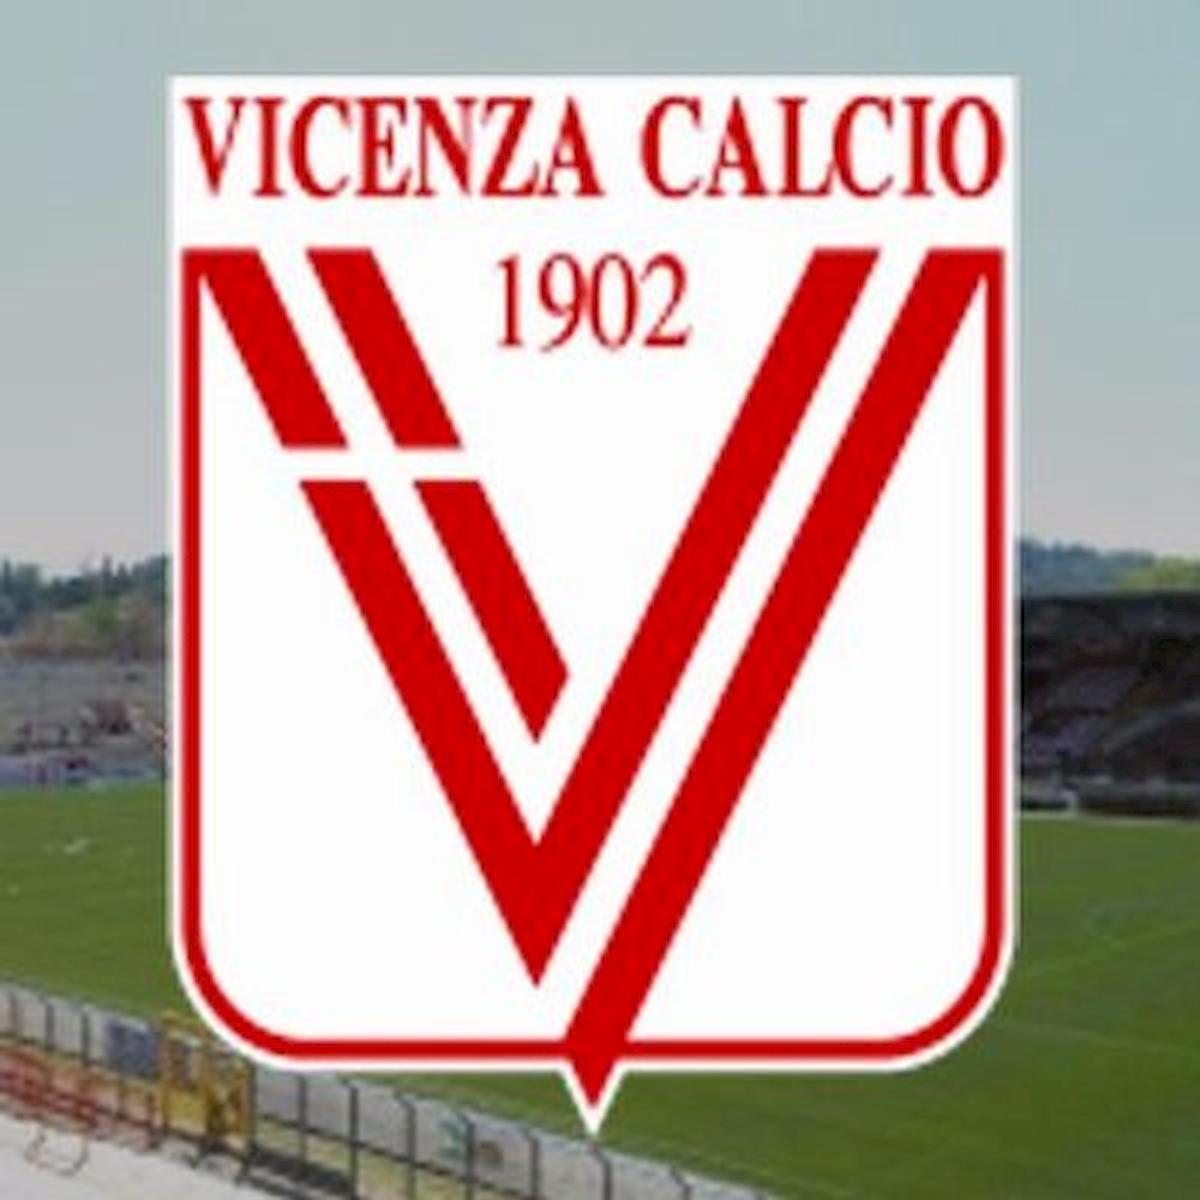 Vicenza Calcio, il giovane Edoardo Bolzon in ospedale per emorragia cerebrale